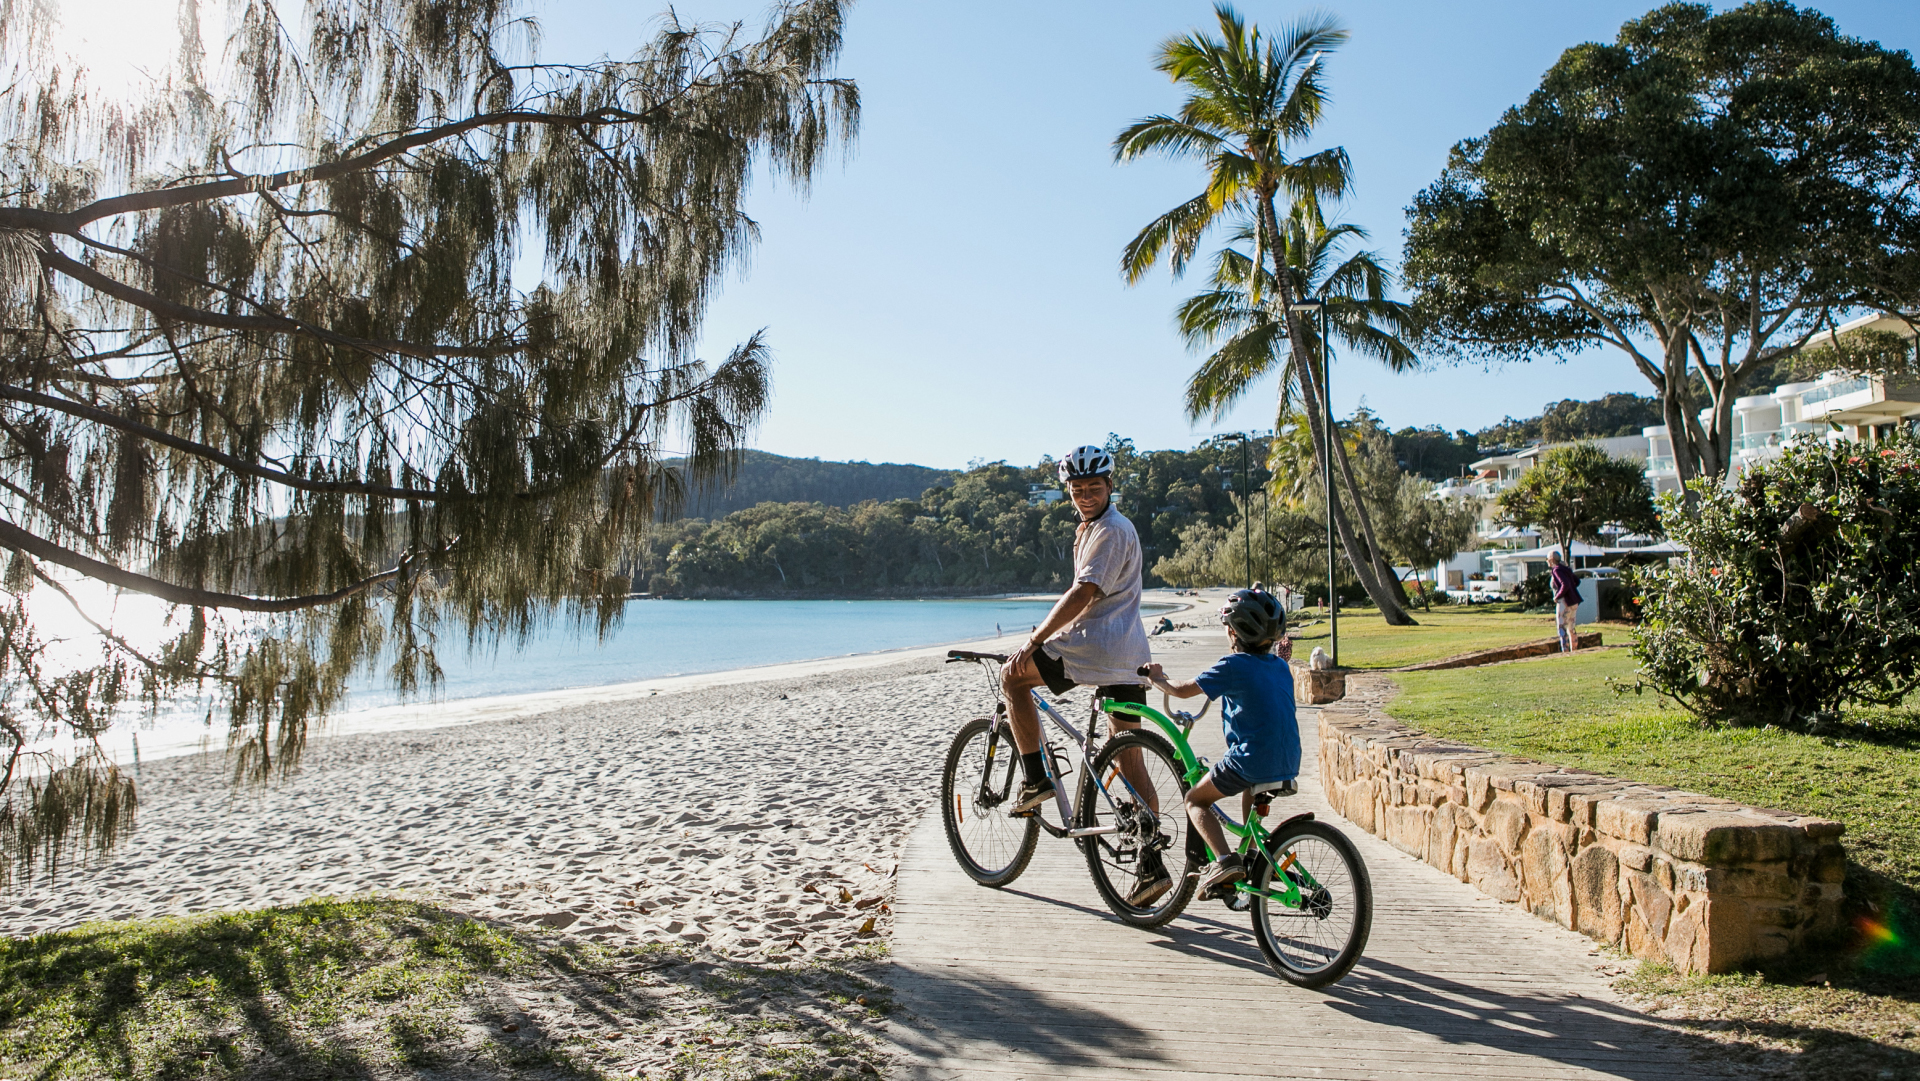 Travis Noosa Heads Guide - Bike on the Main Beach Boardwalk